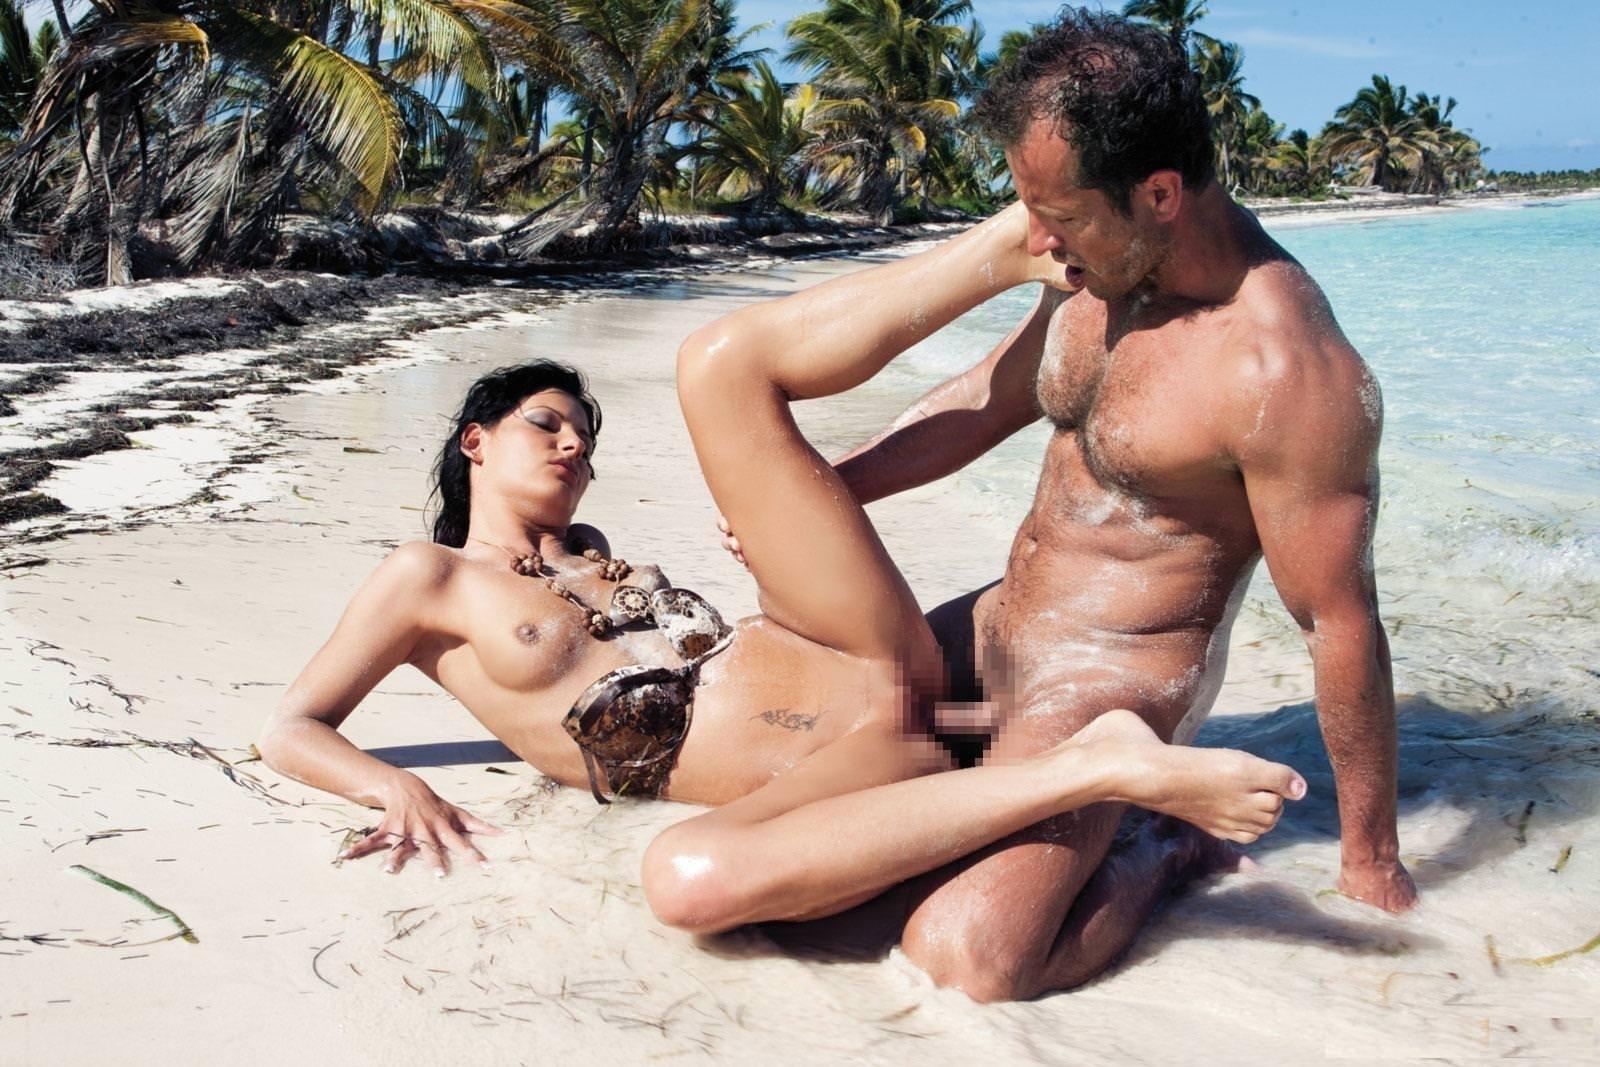 【海外青姦エロ画像】海外カップルたちによる青姦画像集めたったwww